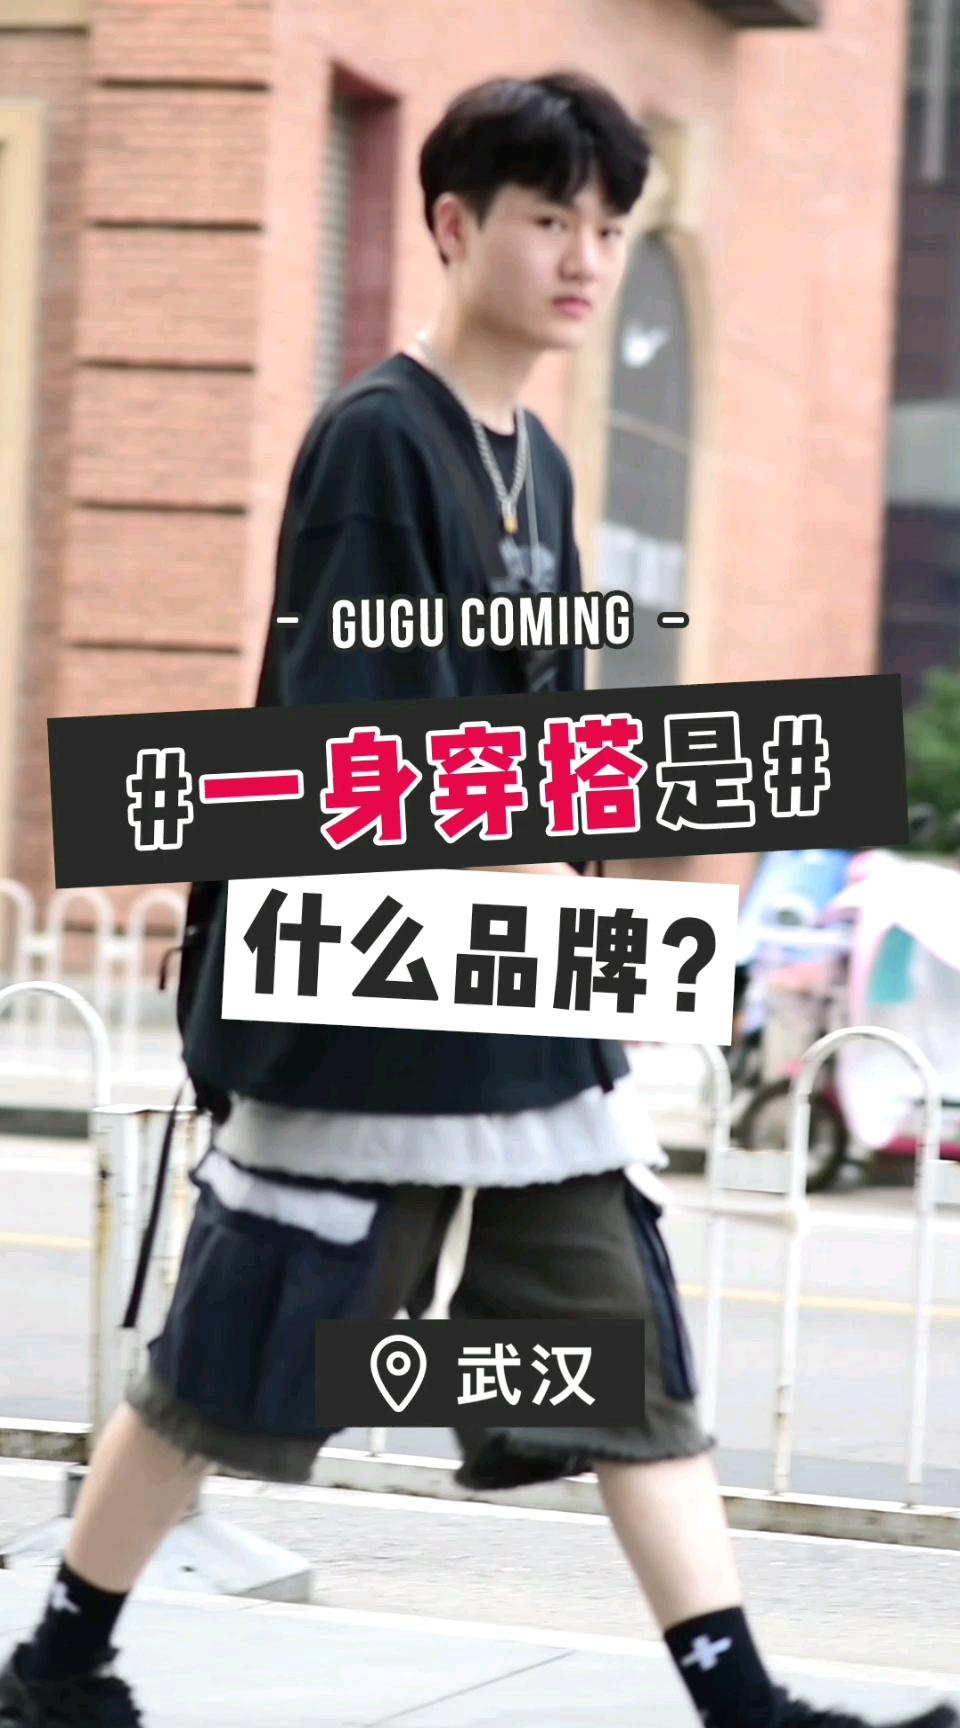 我酸啦!这位20岁的小哥哥已经拥有自己的品牌了~#穿搭 #街拍#武汉